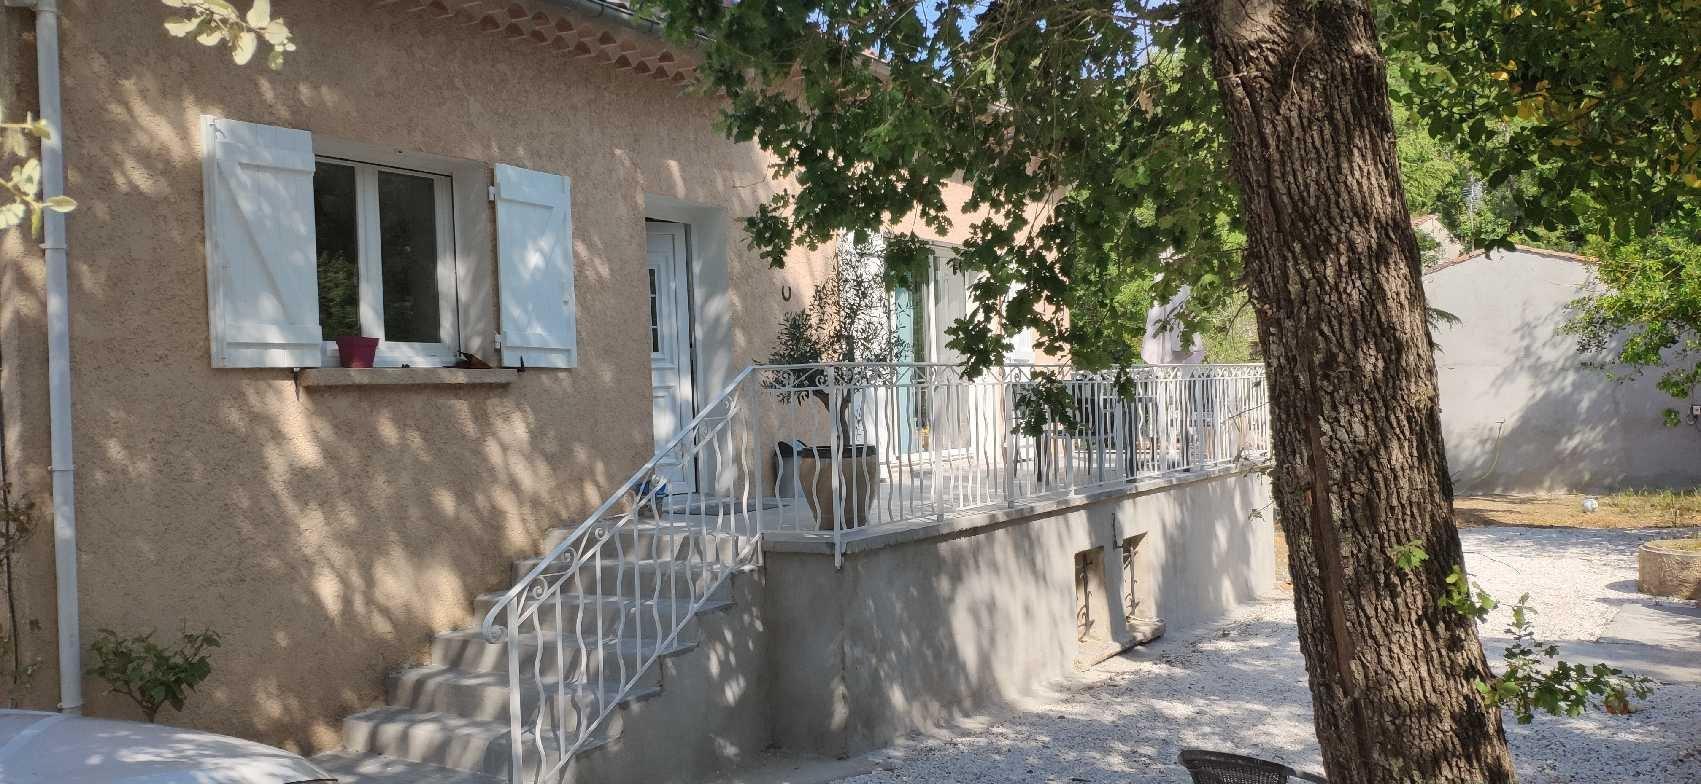 Villa  85 m2 sur 1000 m2  de terrain